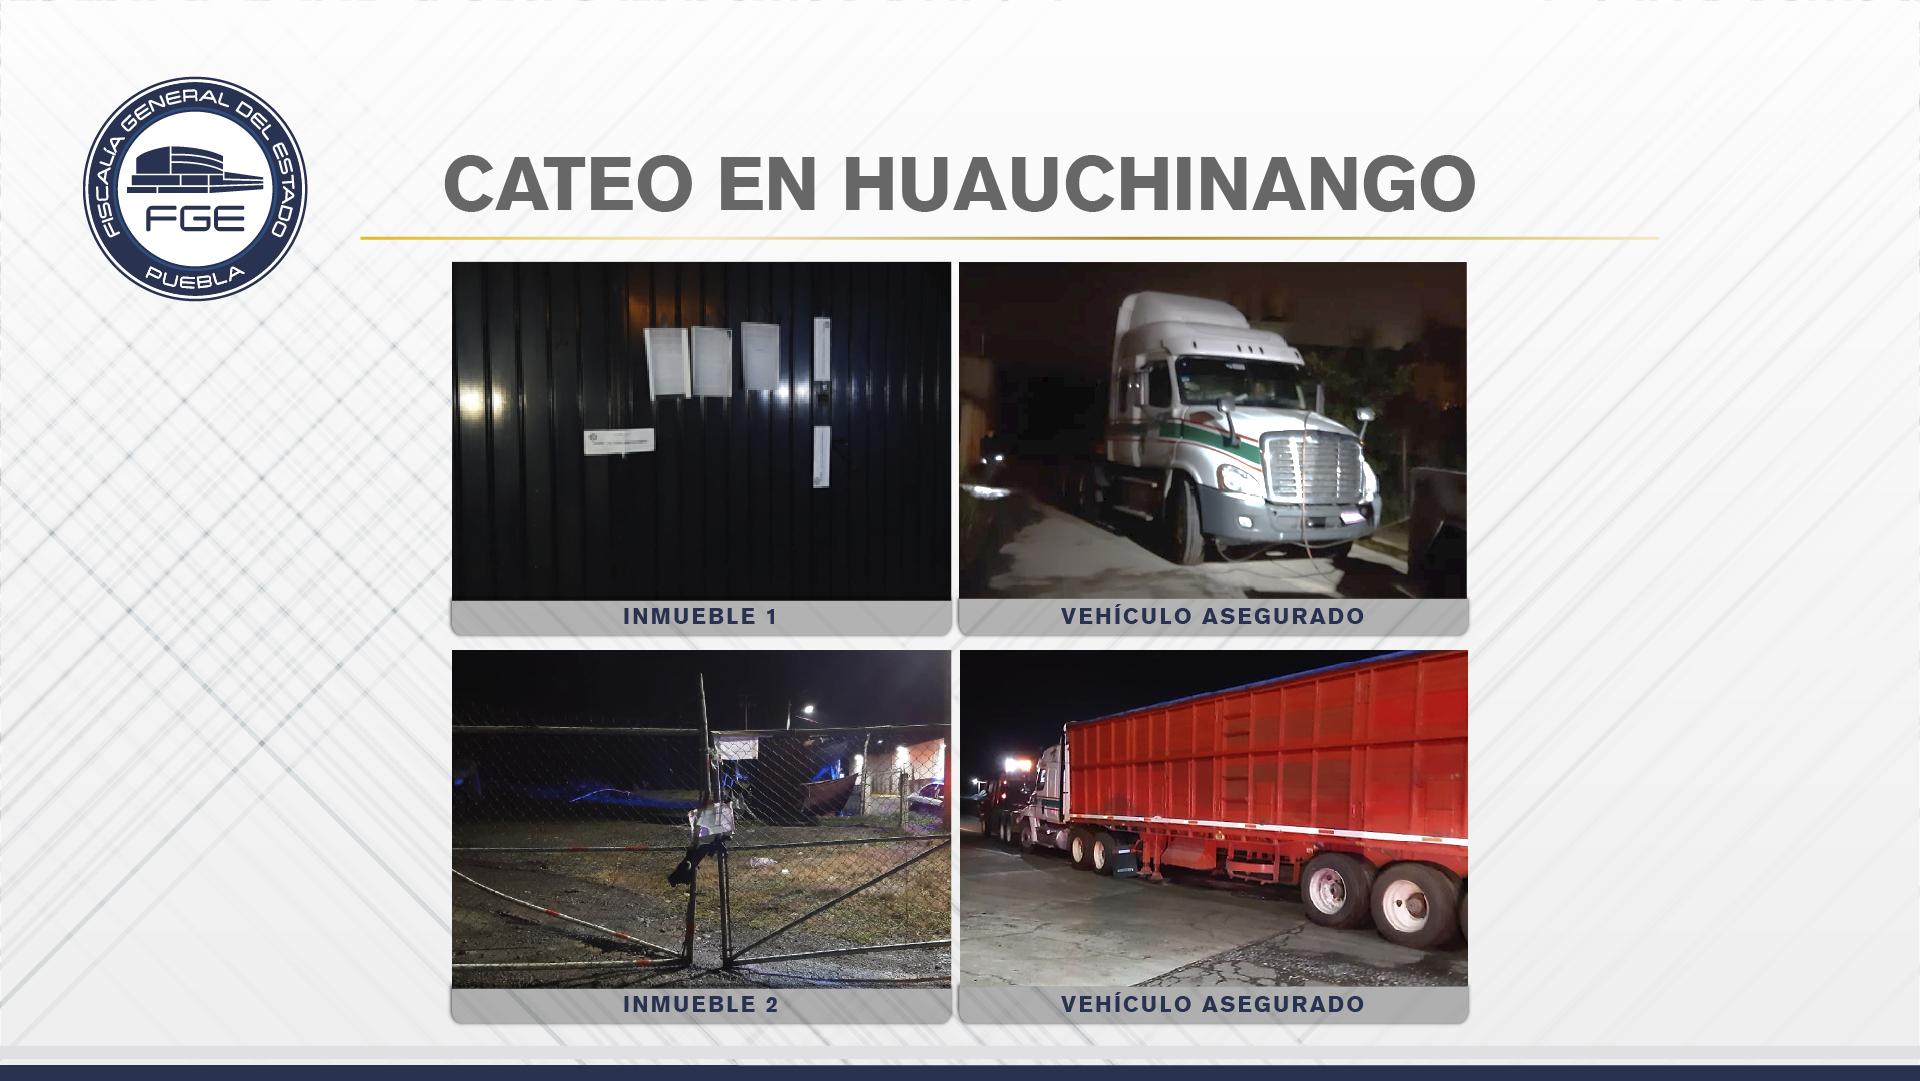 FGE cateó inmuebles en Huauchinango y recuperó un tractocamión